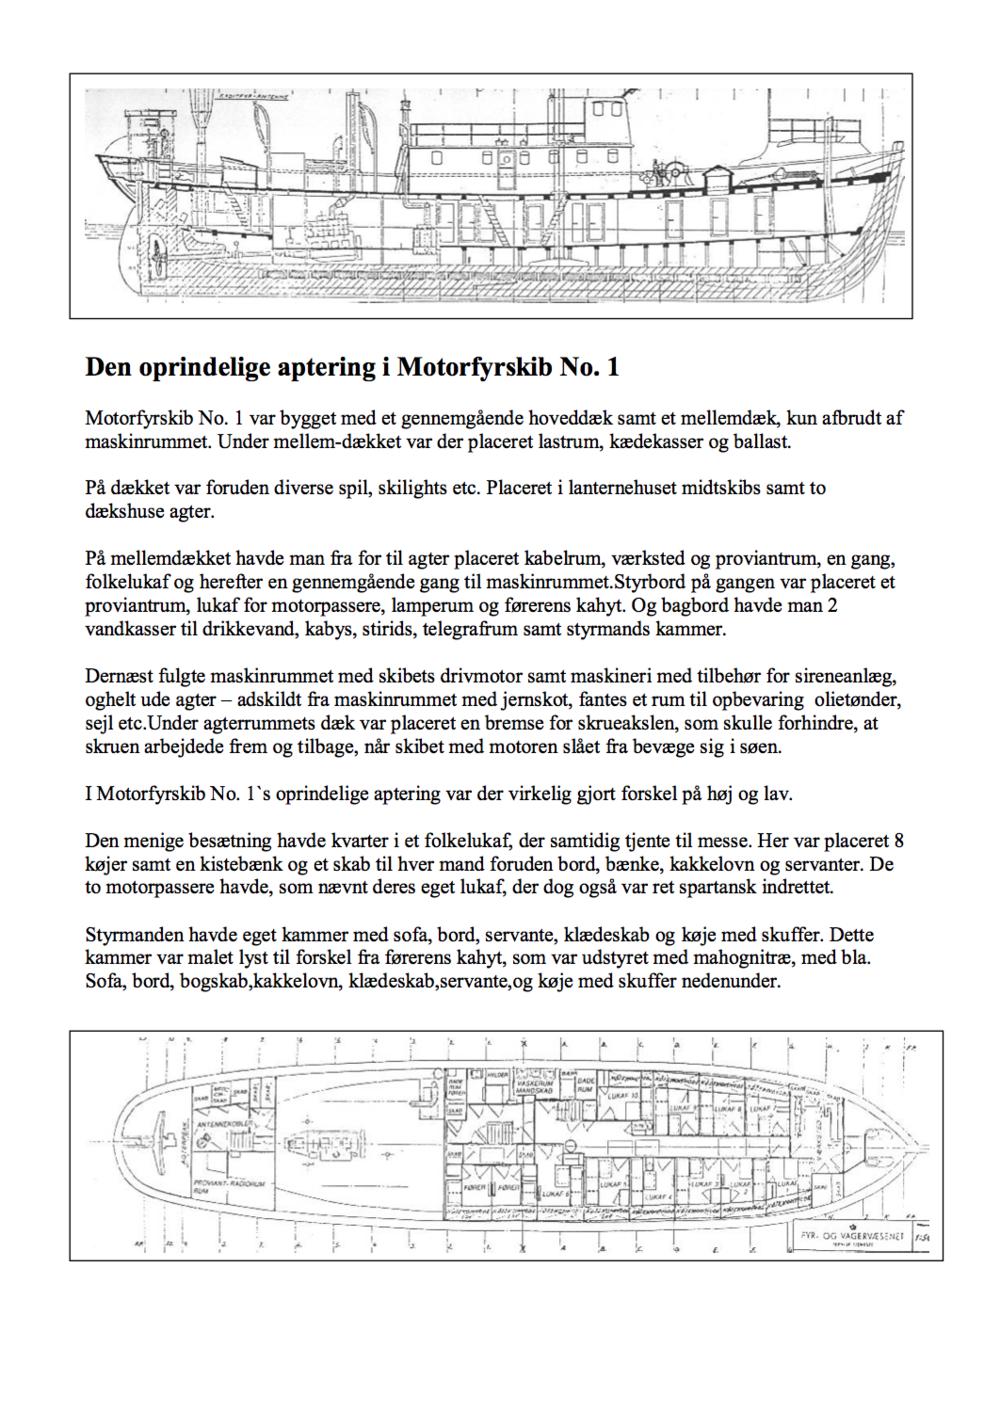 Den oprindelige aptering i motorfyrskibet no. 1